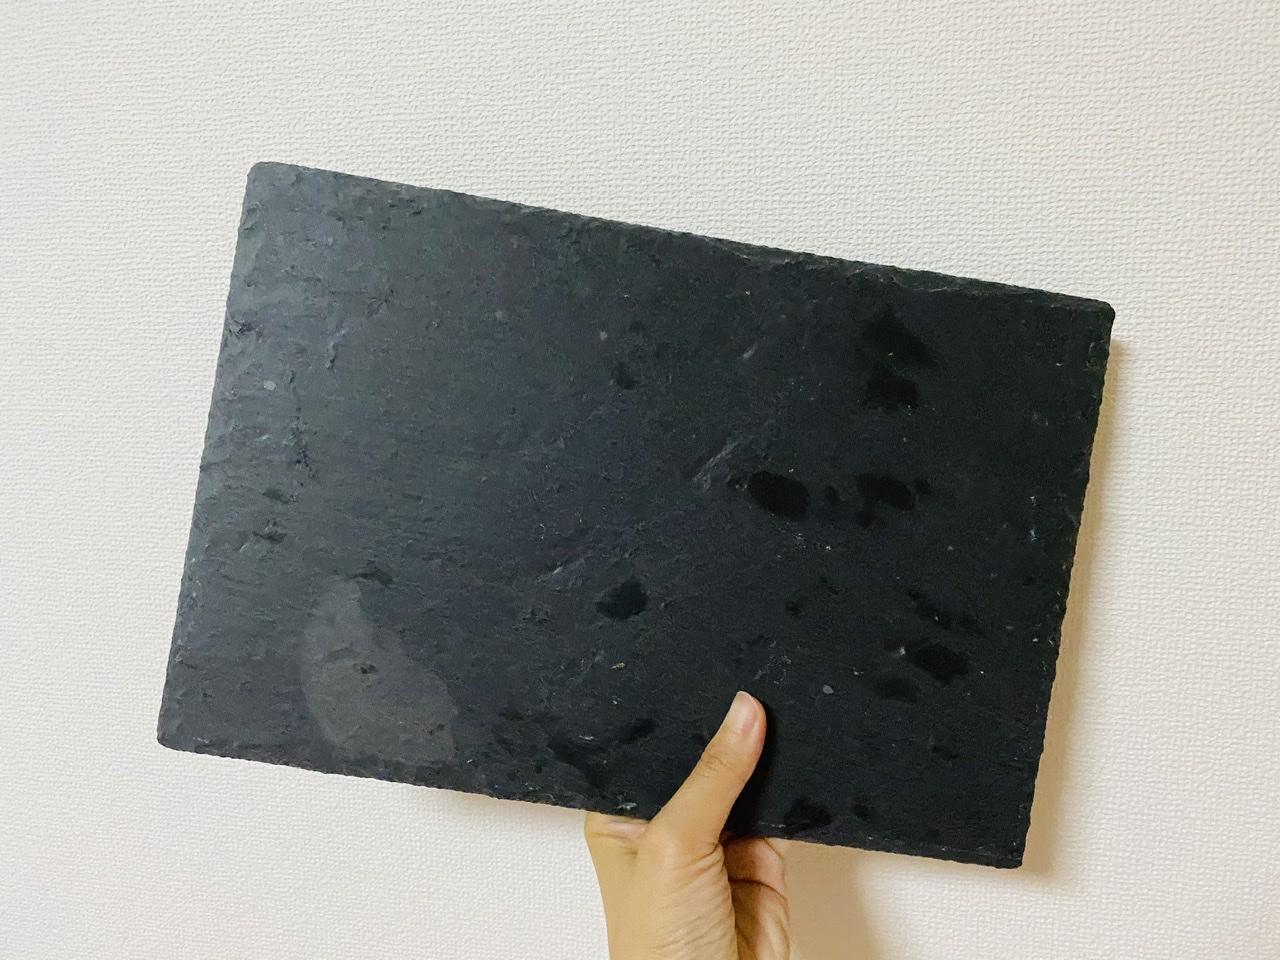 【ダイソー】料理が映える!黒い天然石で作られた《スレートプレート》が超使える♡_1